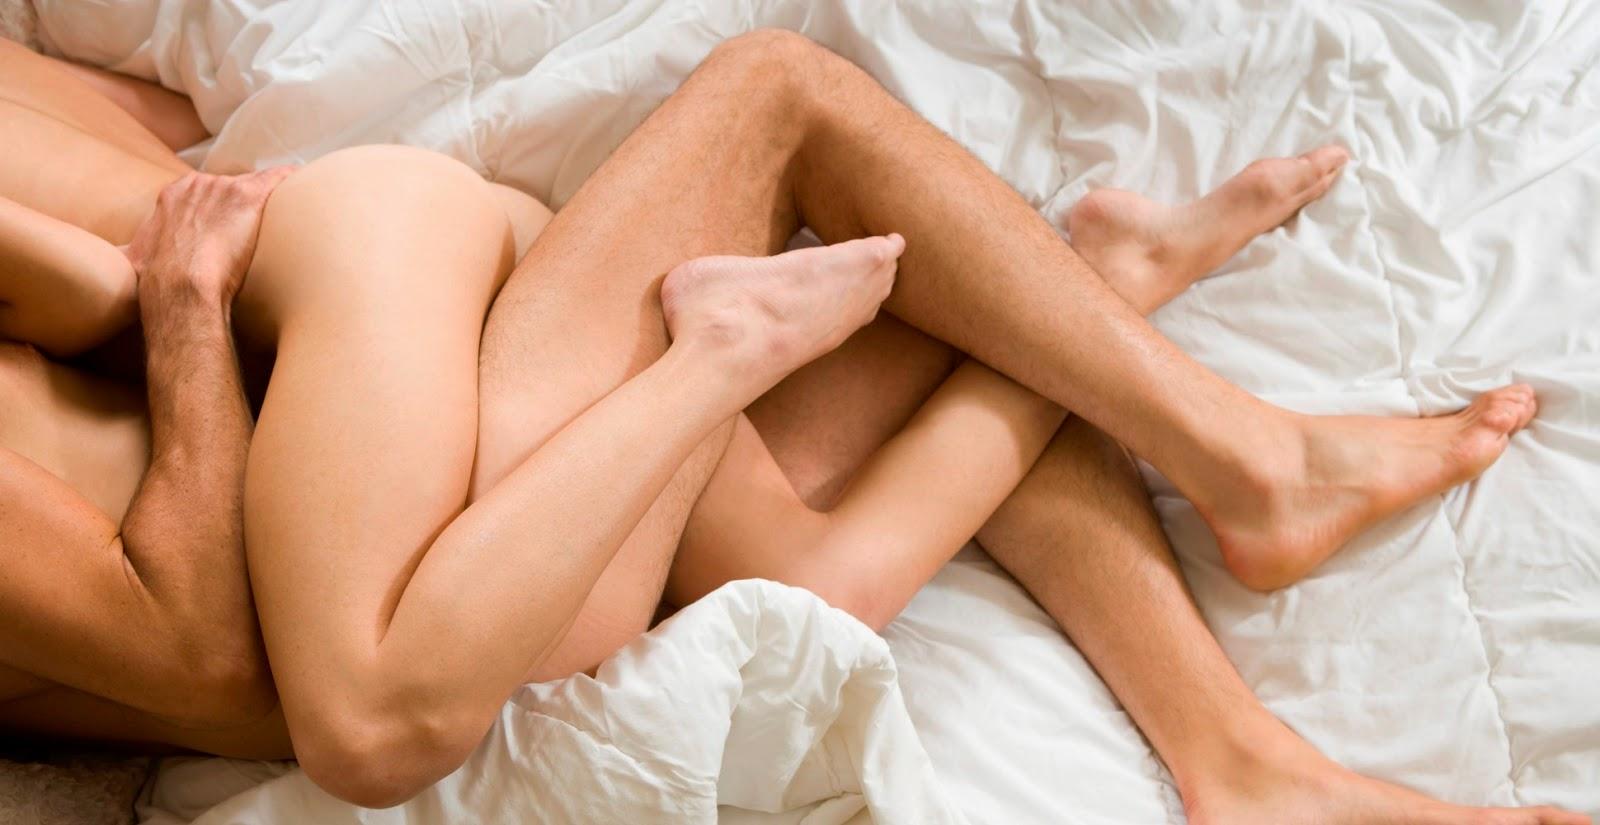 deporte_sexual